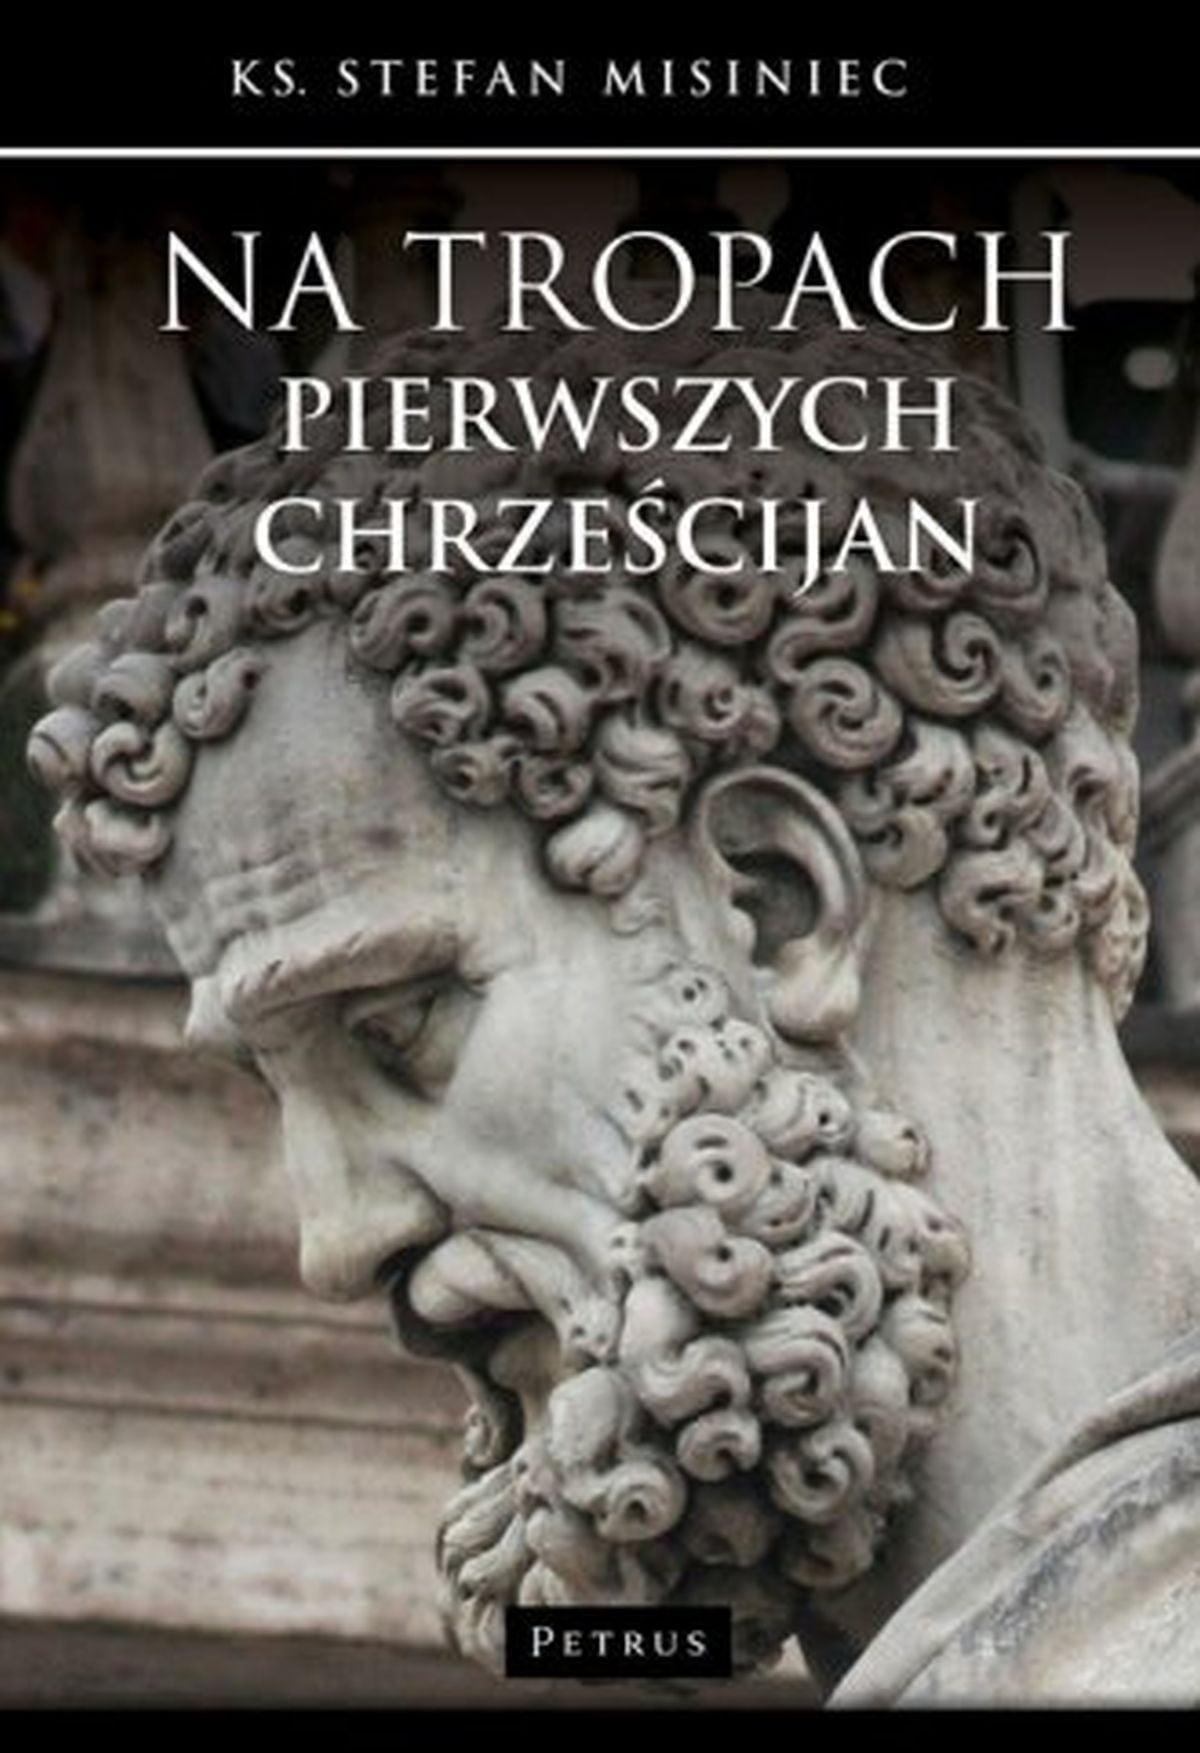 ks. Stefan Misiniec, Na tropach pierwszych chrześcijan